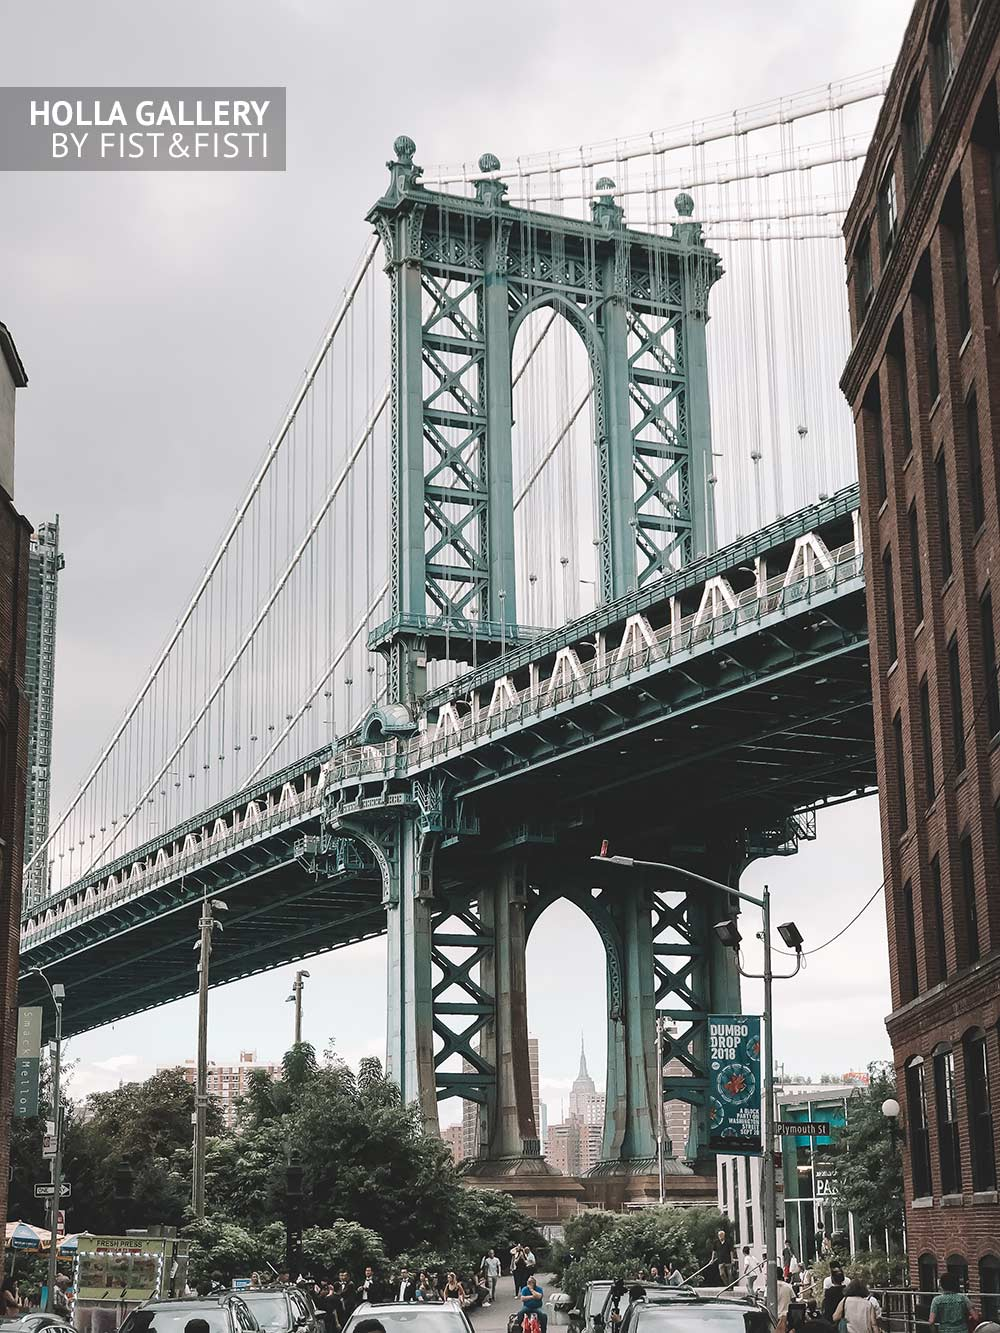 Вид на Манхэттенский мост посреди городских джунглей Нью-Йорка. Фотография для интерьера